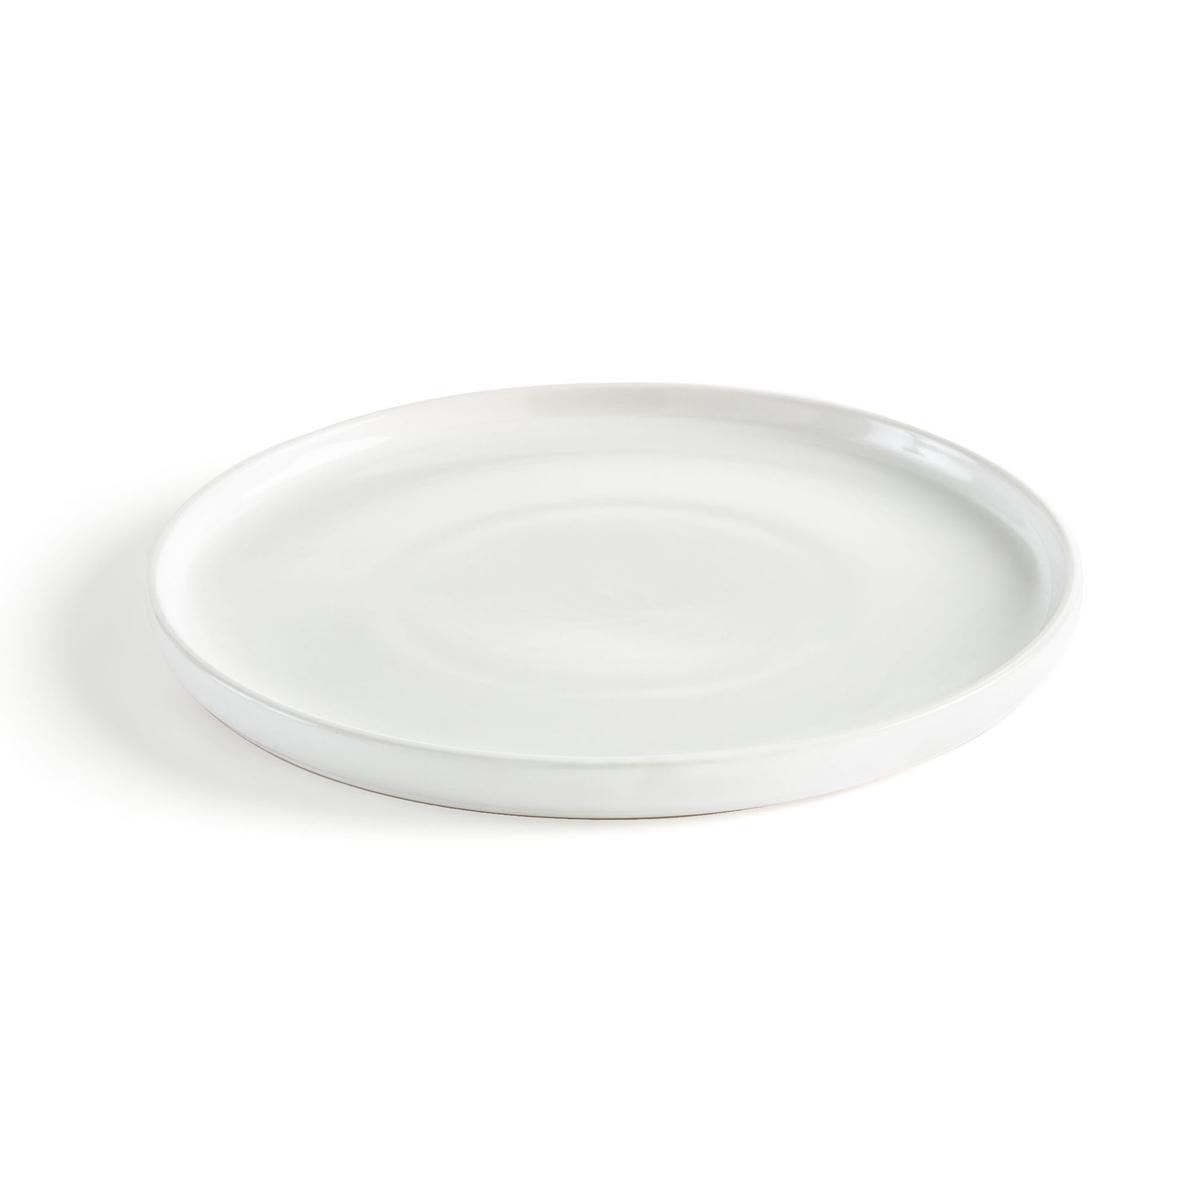 4 тарелки LaRedoute Мелкие керамические ELINOR единый размер белый